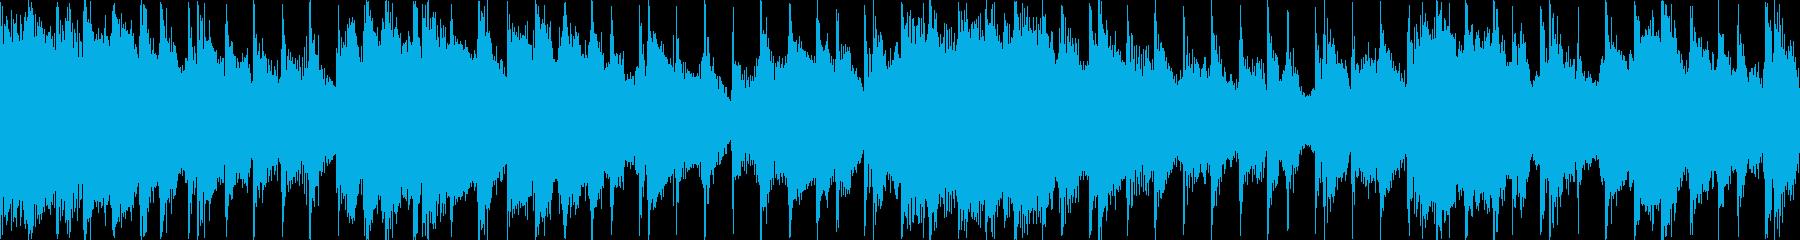 ブリットポップ、カレッジポップ感の...の再生済みの波形